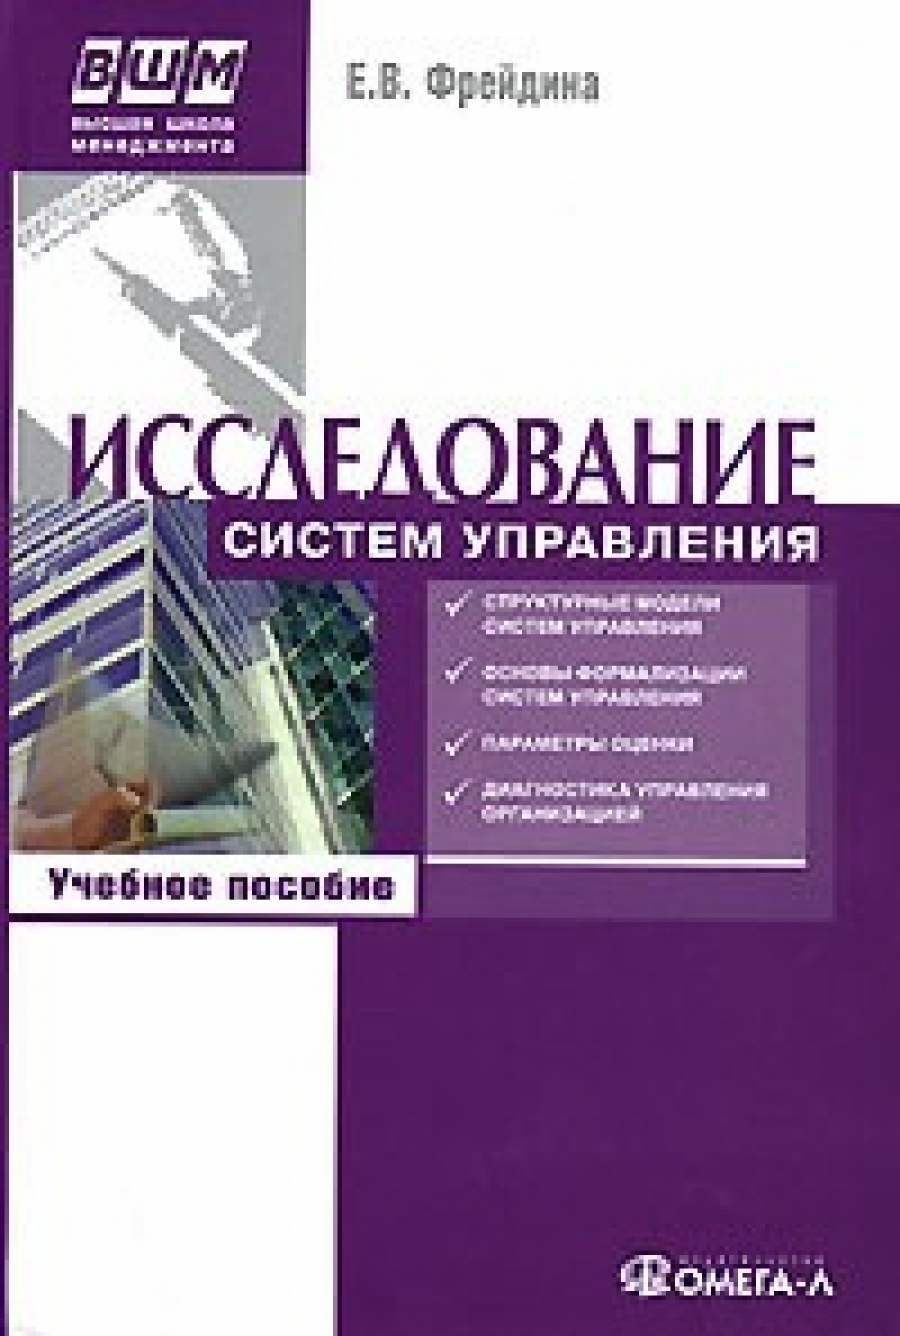 Обложка книги:  фрейдина е.в. - исследование систем управления